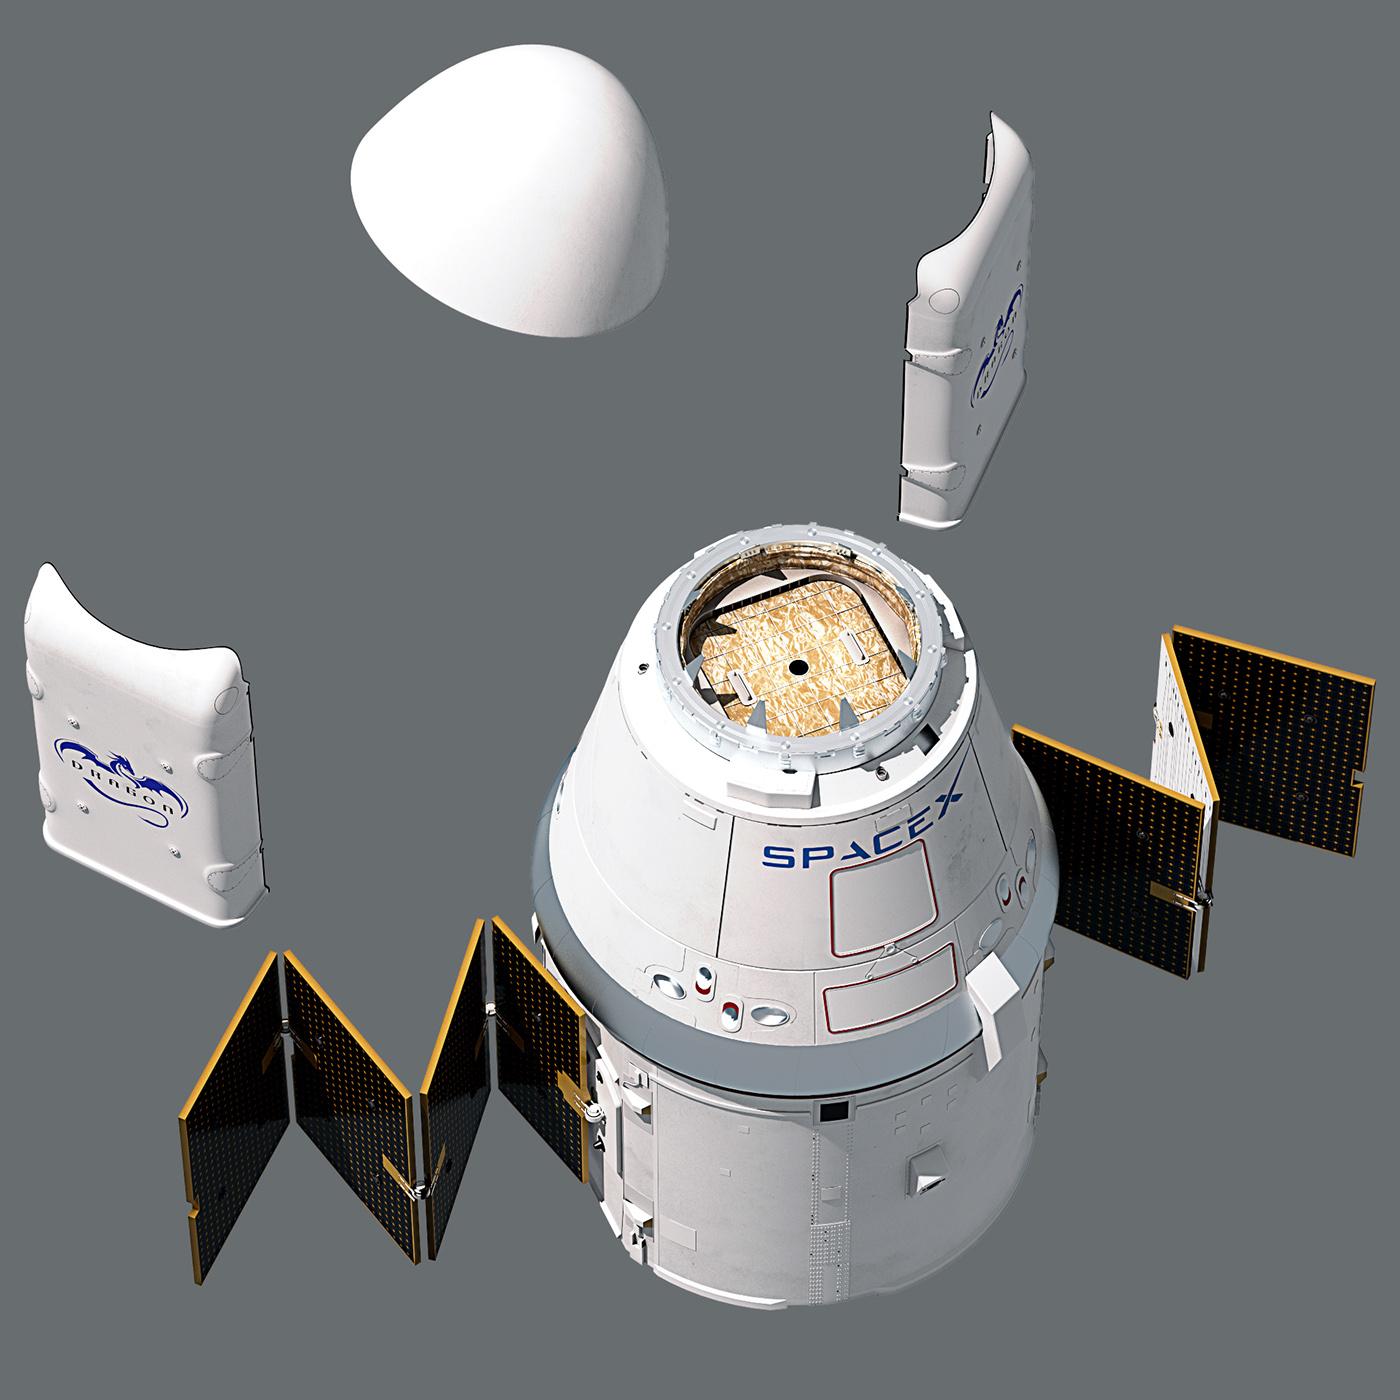 dragon spacecraft models - HD1400×1400